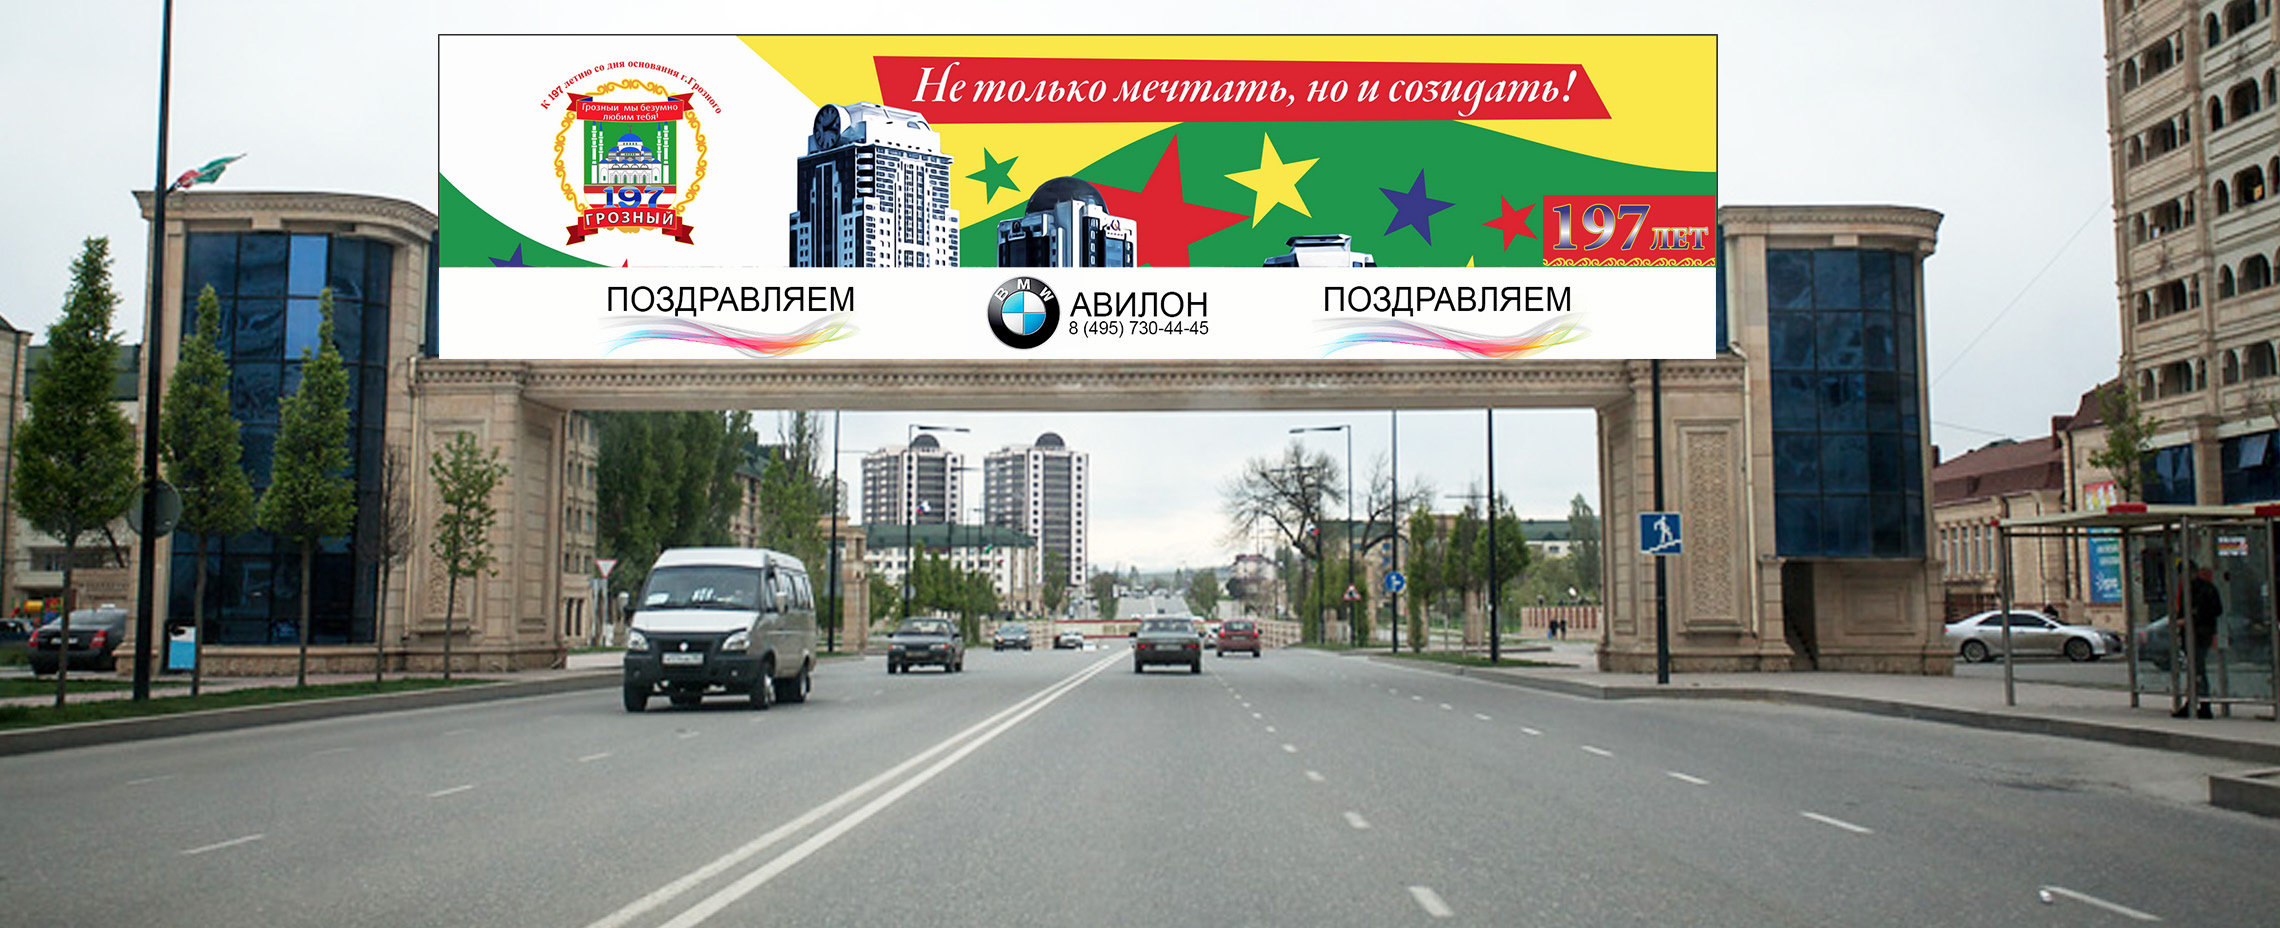 Реклама на городских праздниках Грозный